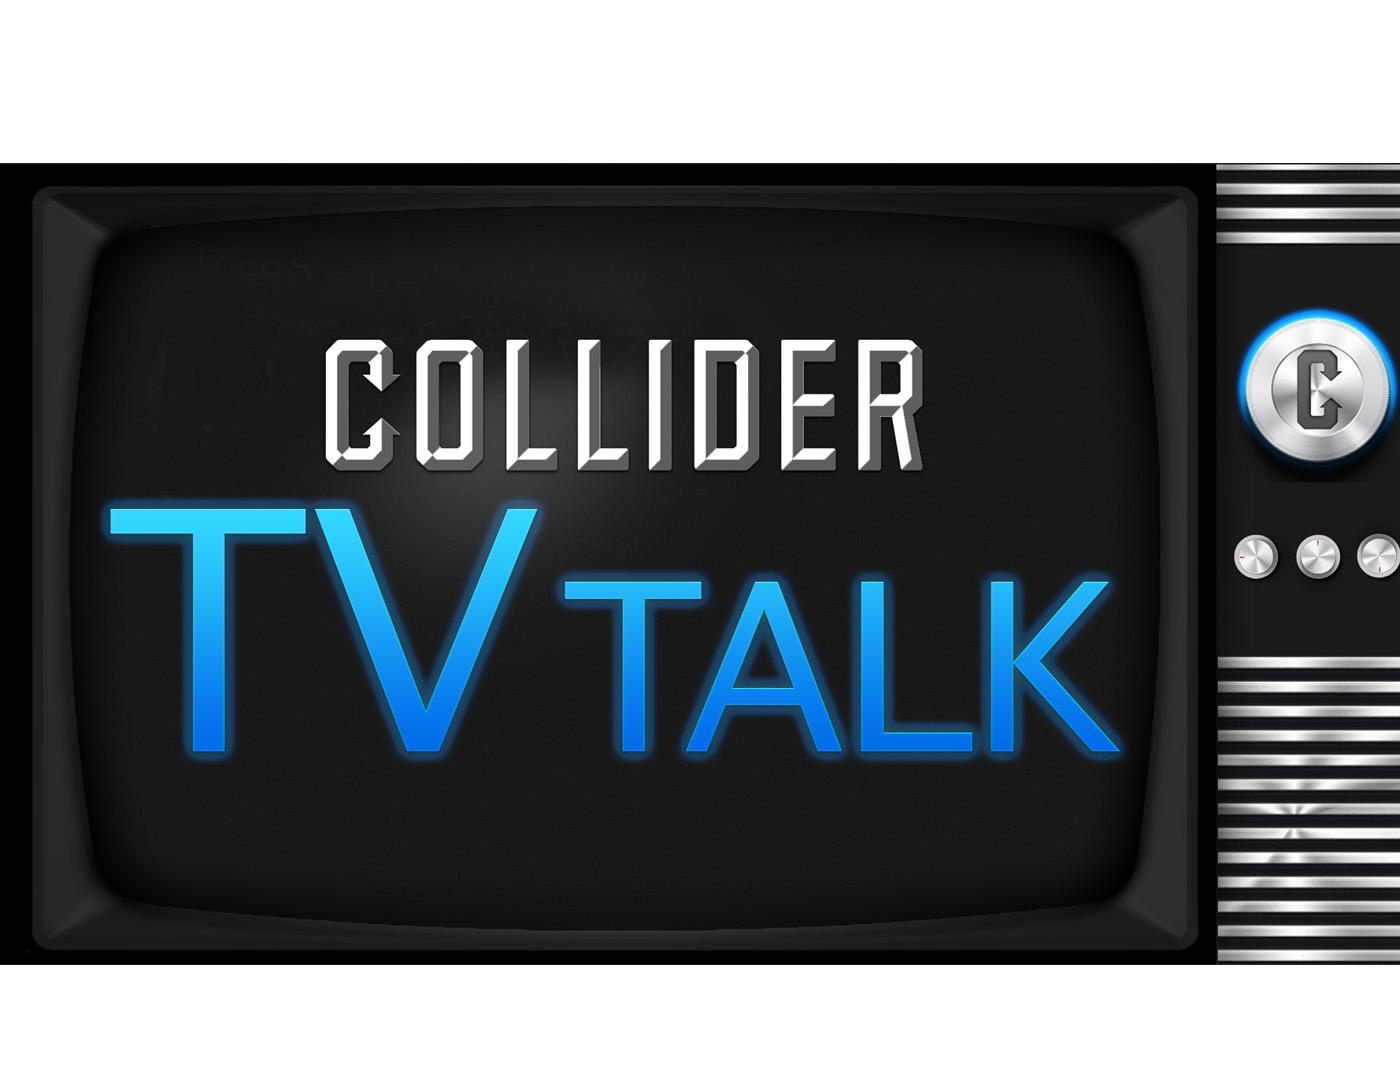 Stranger Things Season 2 Trailer - Collider TV Talk